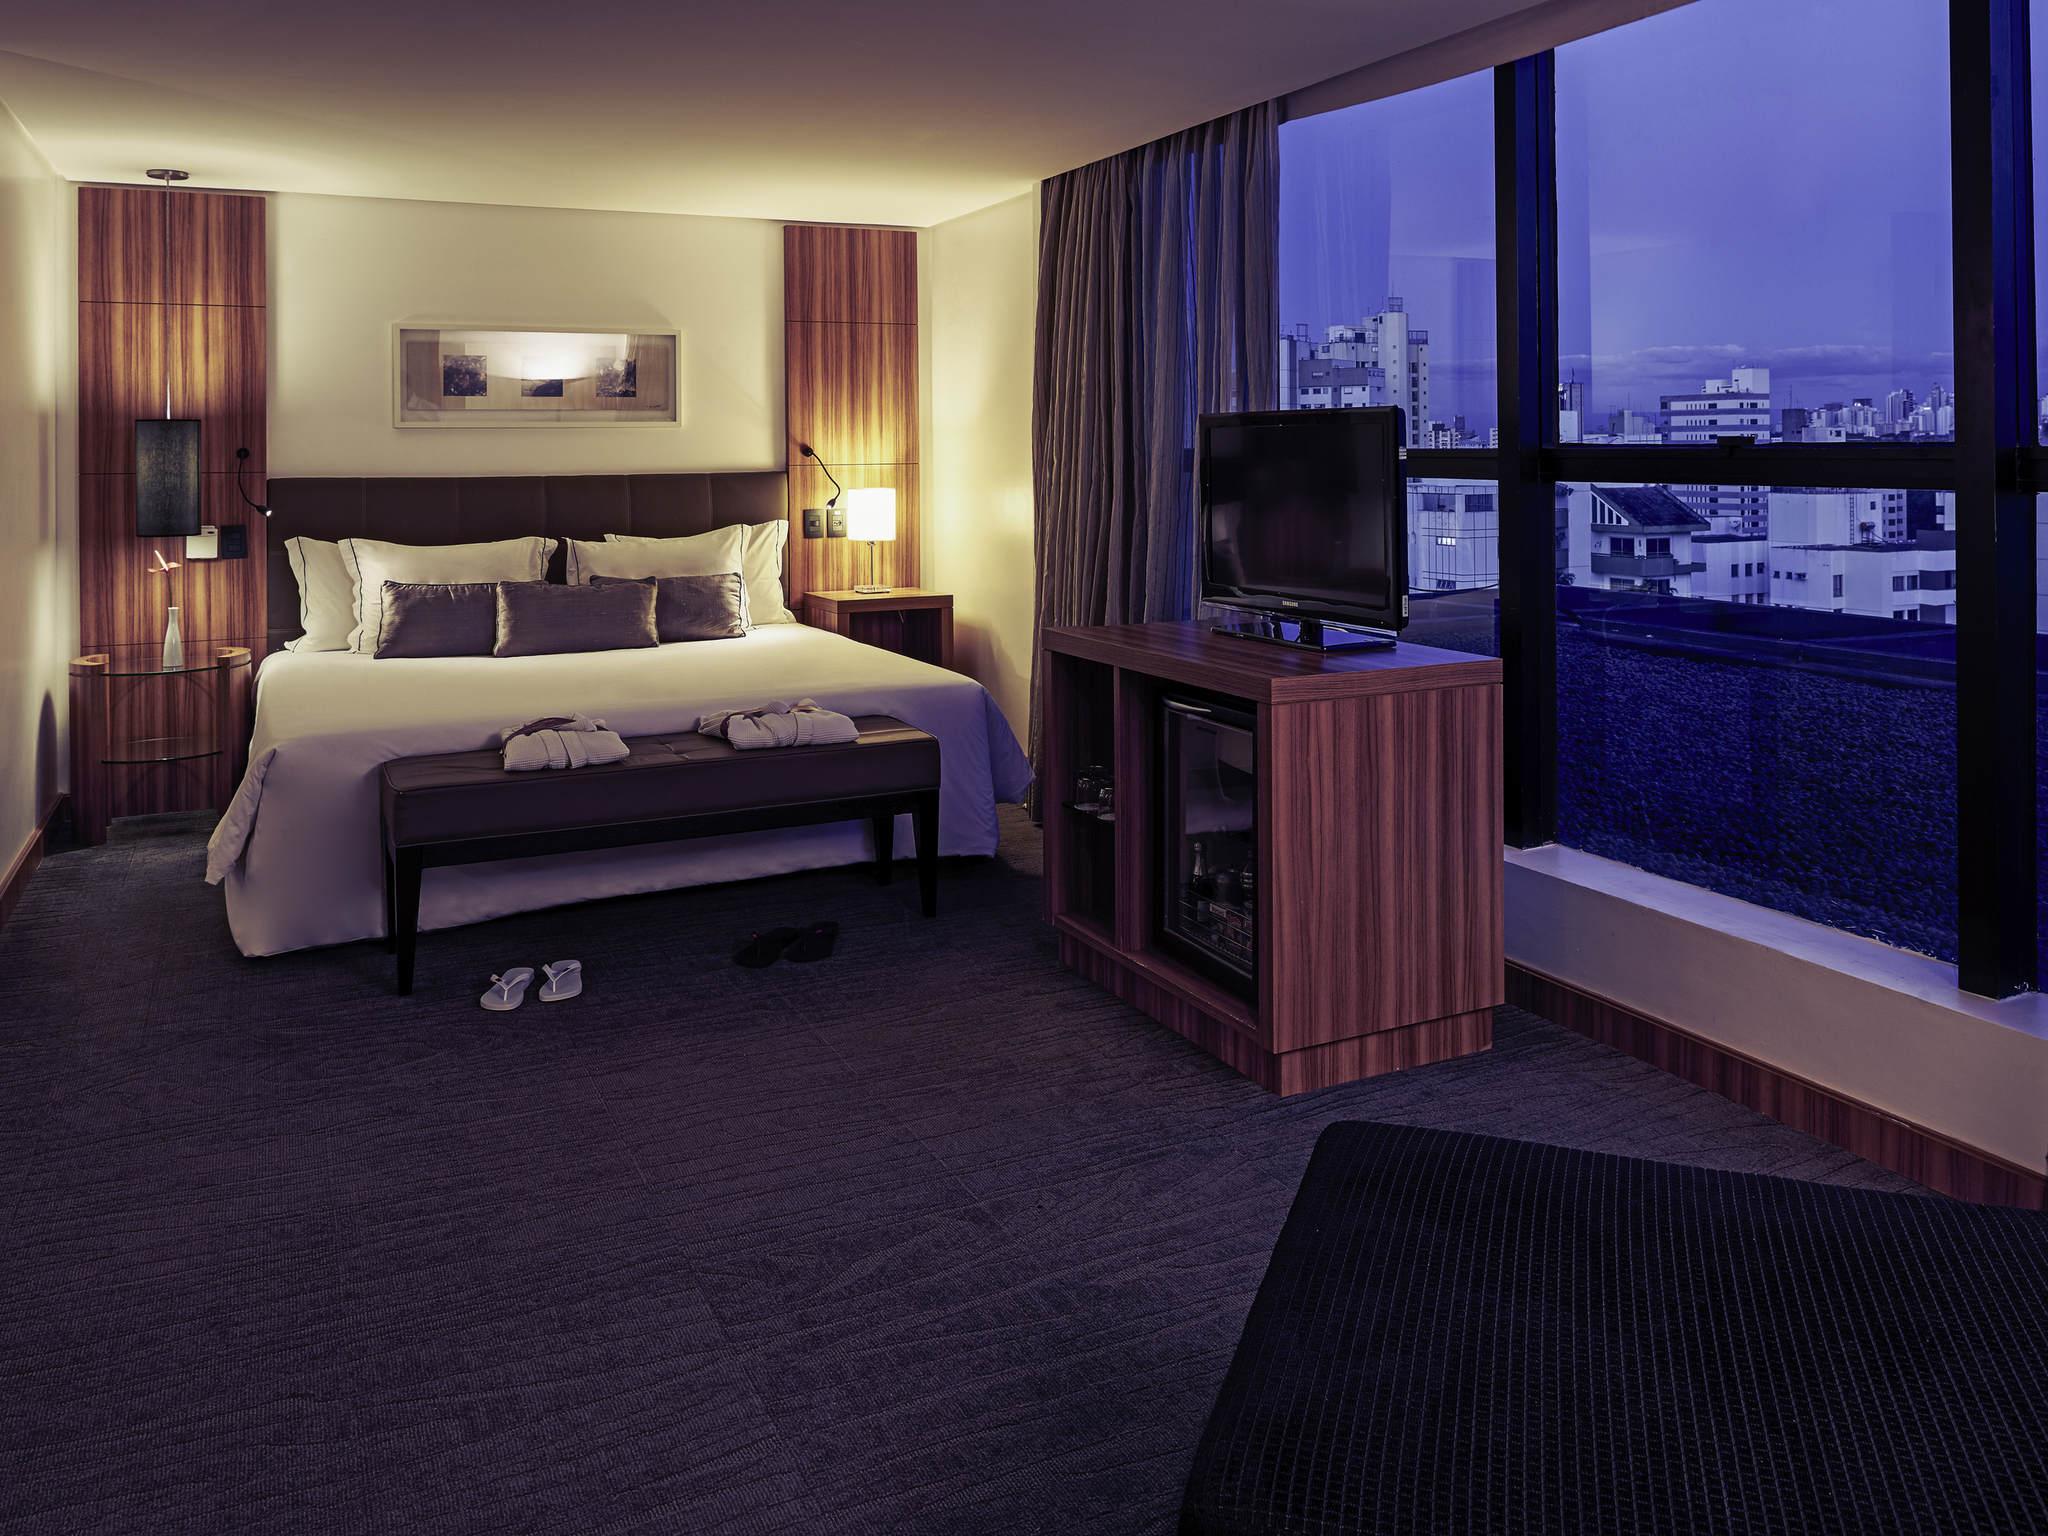 Hotel - Mercure Goiania Hotel